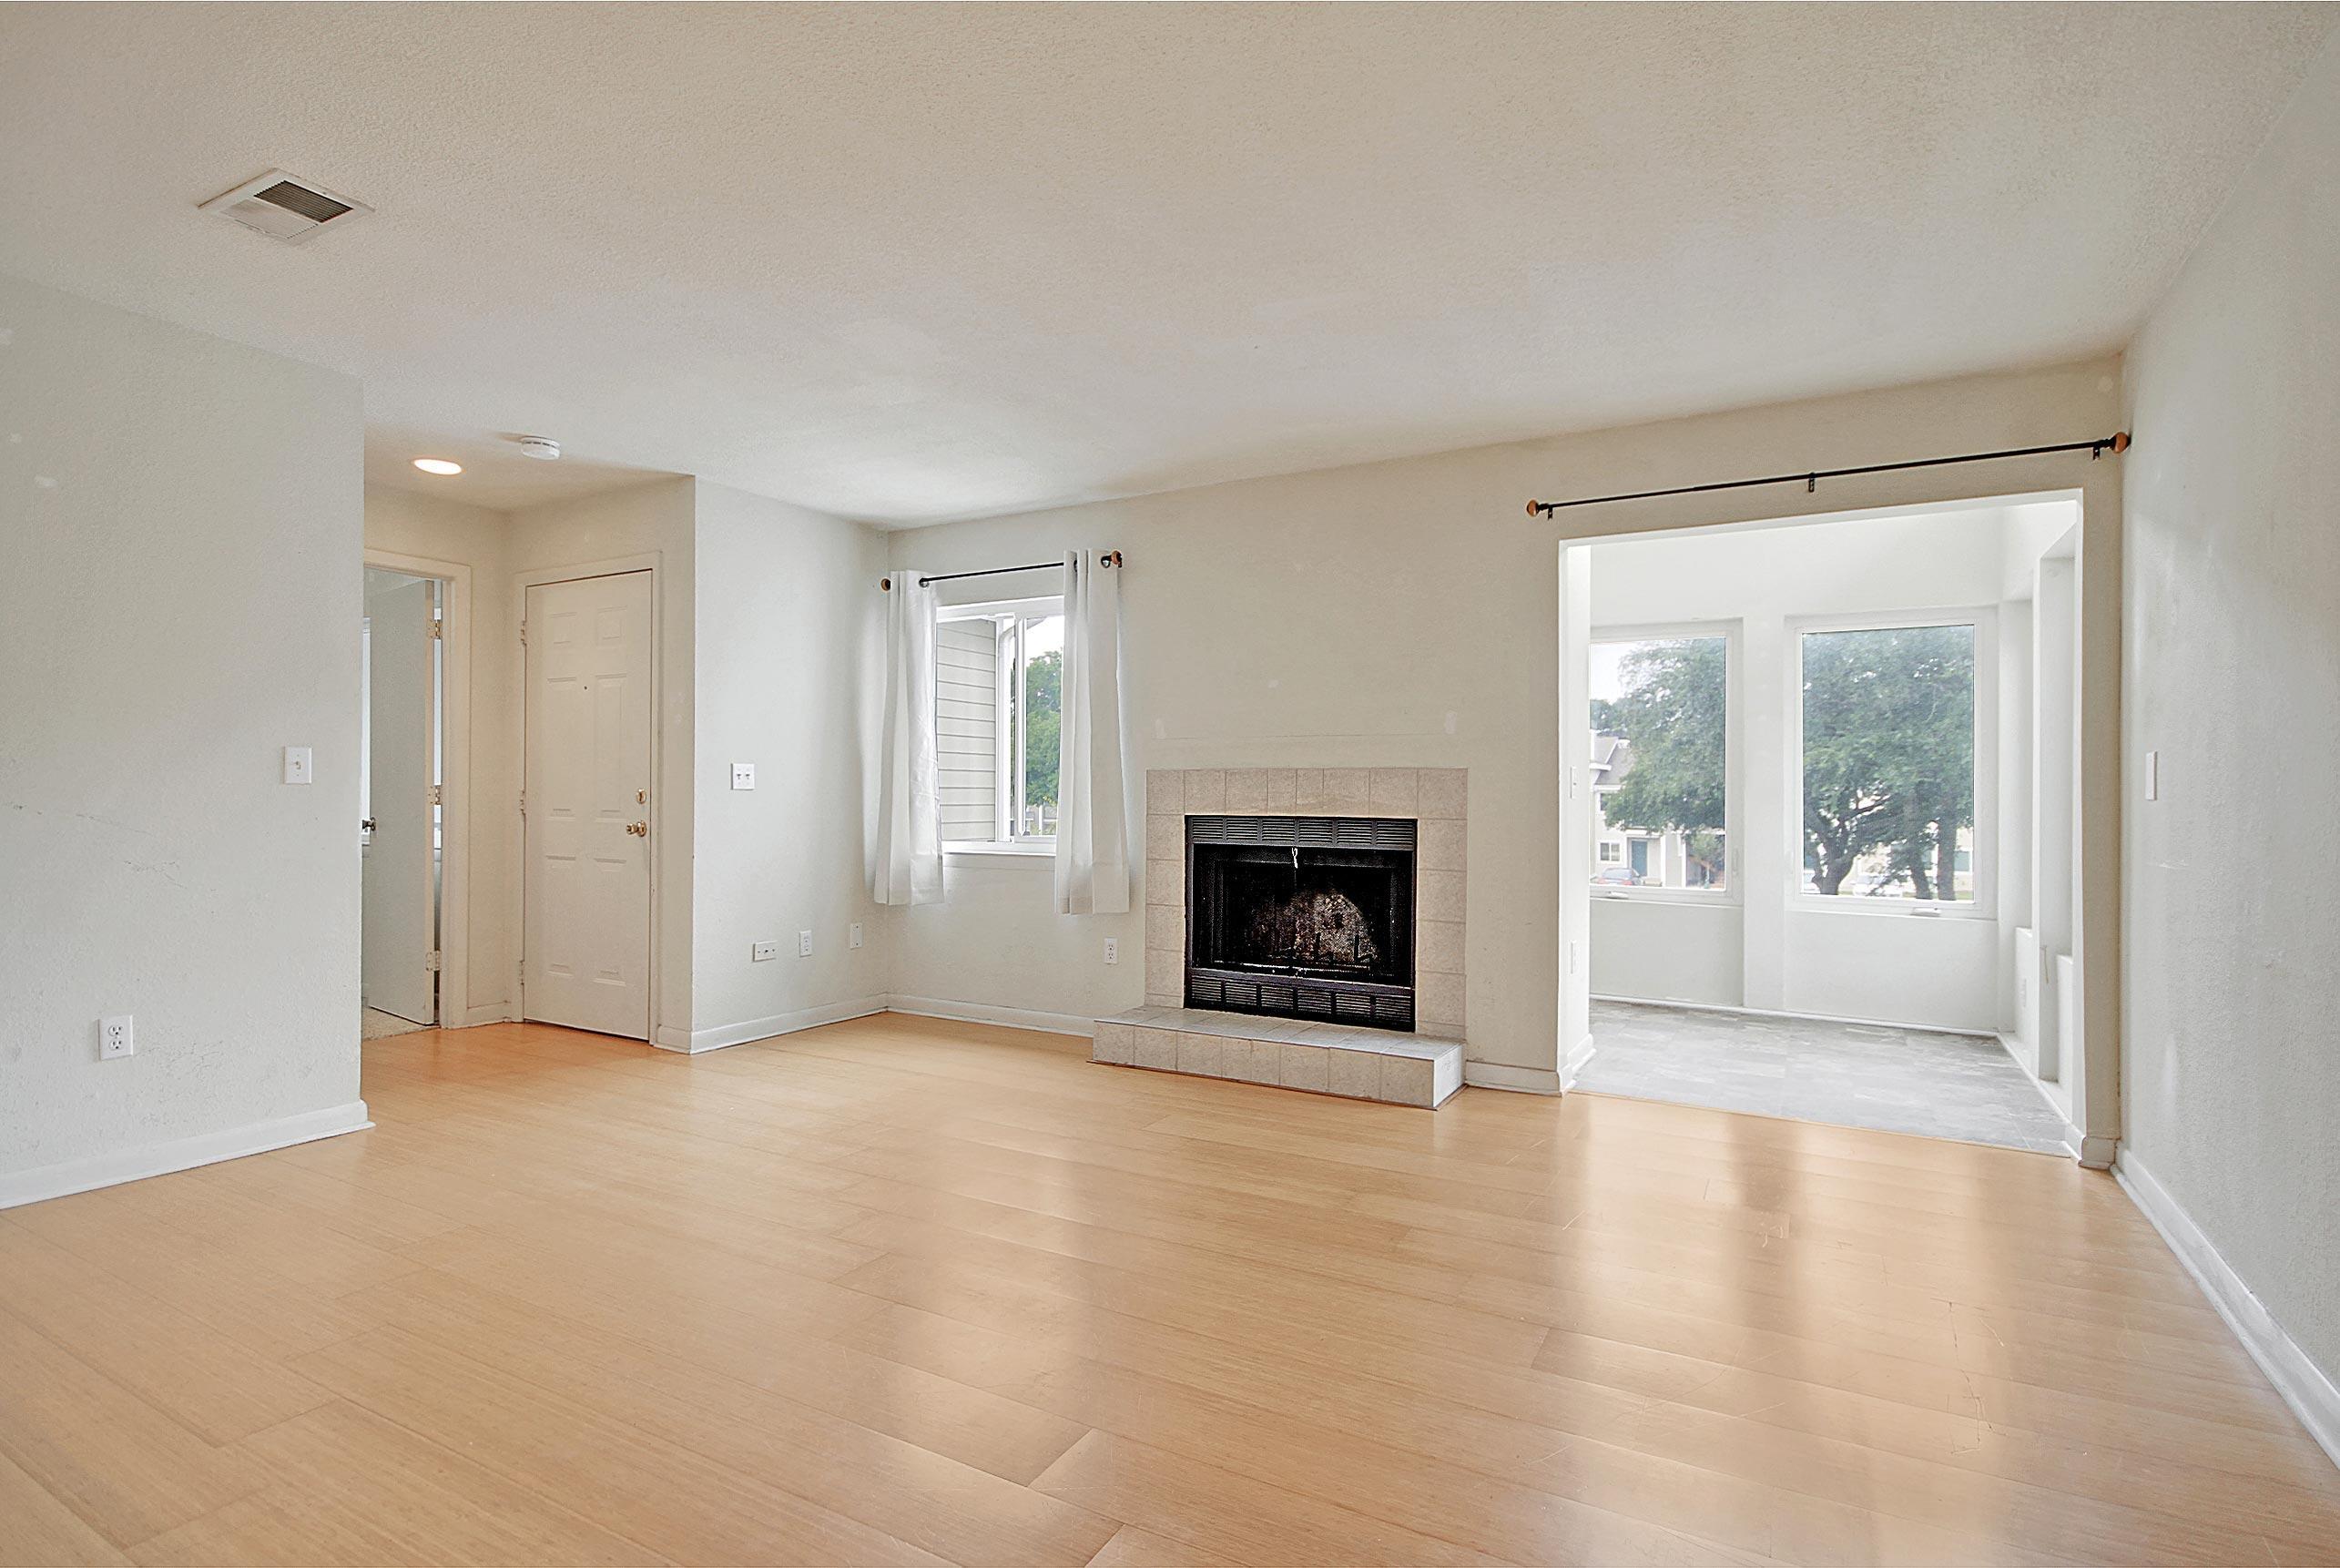 East Bridge Town Lofts Homes For Sale - 273 Alexandra, Mount Pleasant, SC - 0